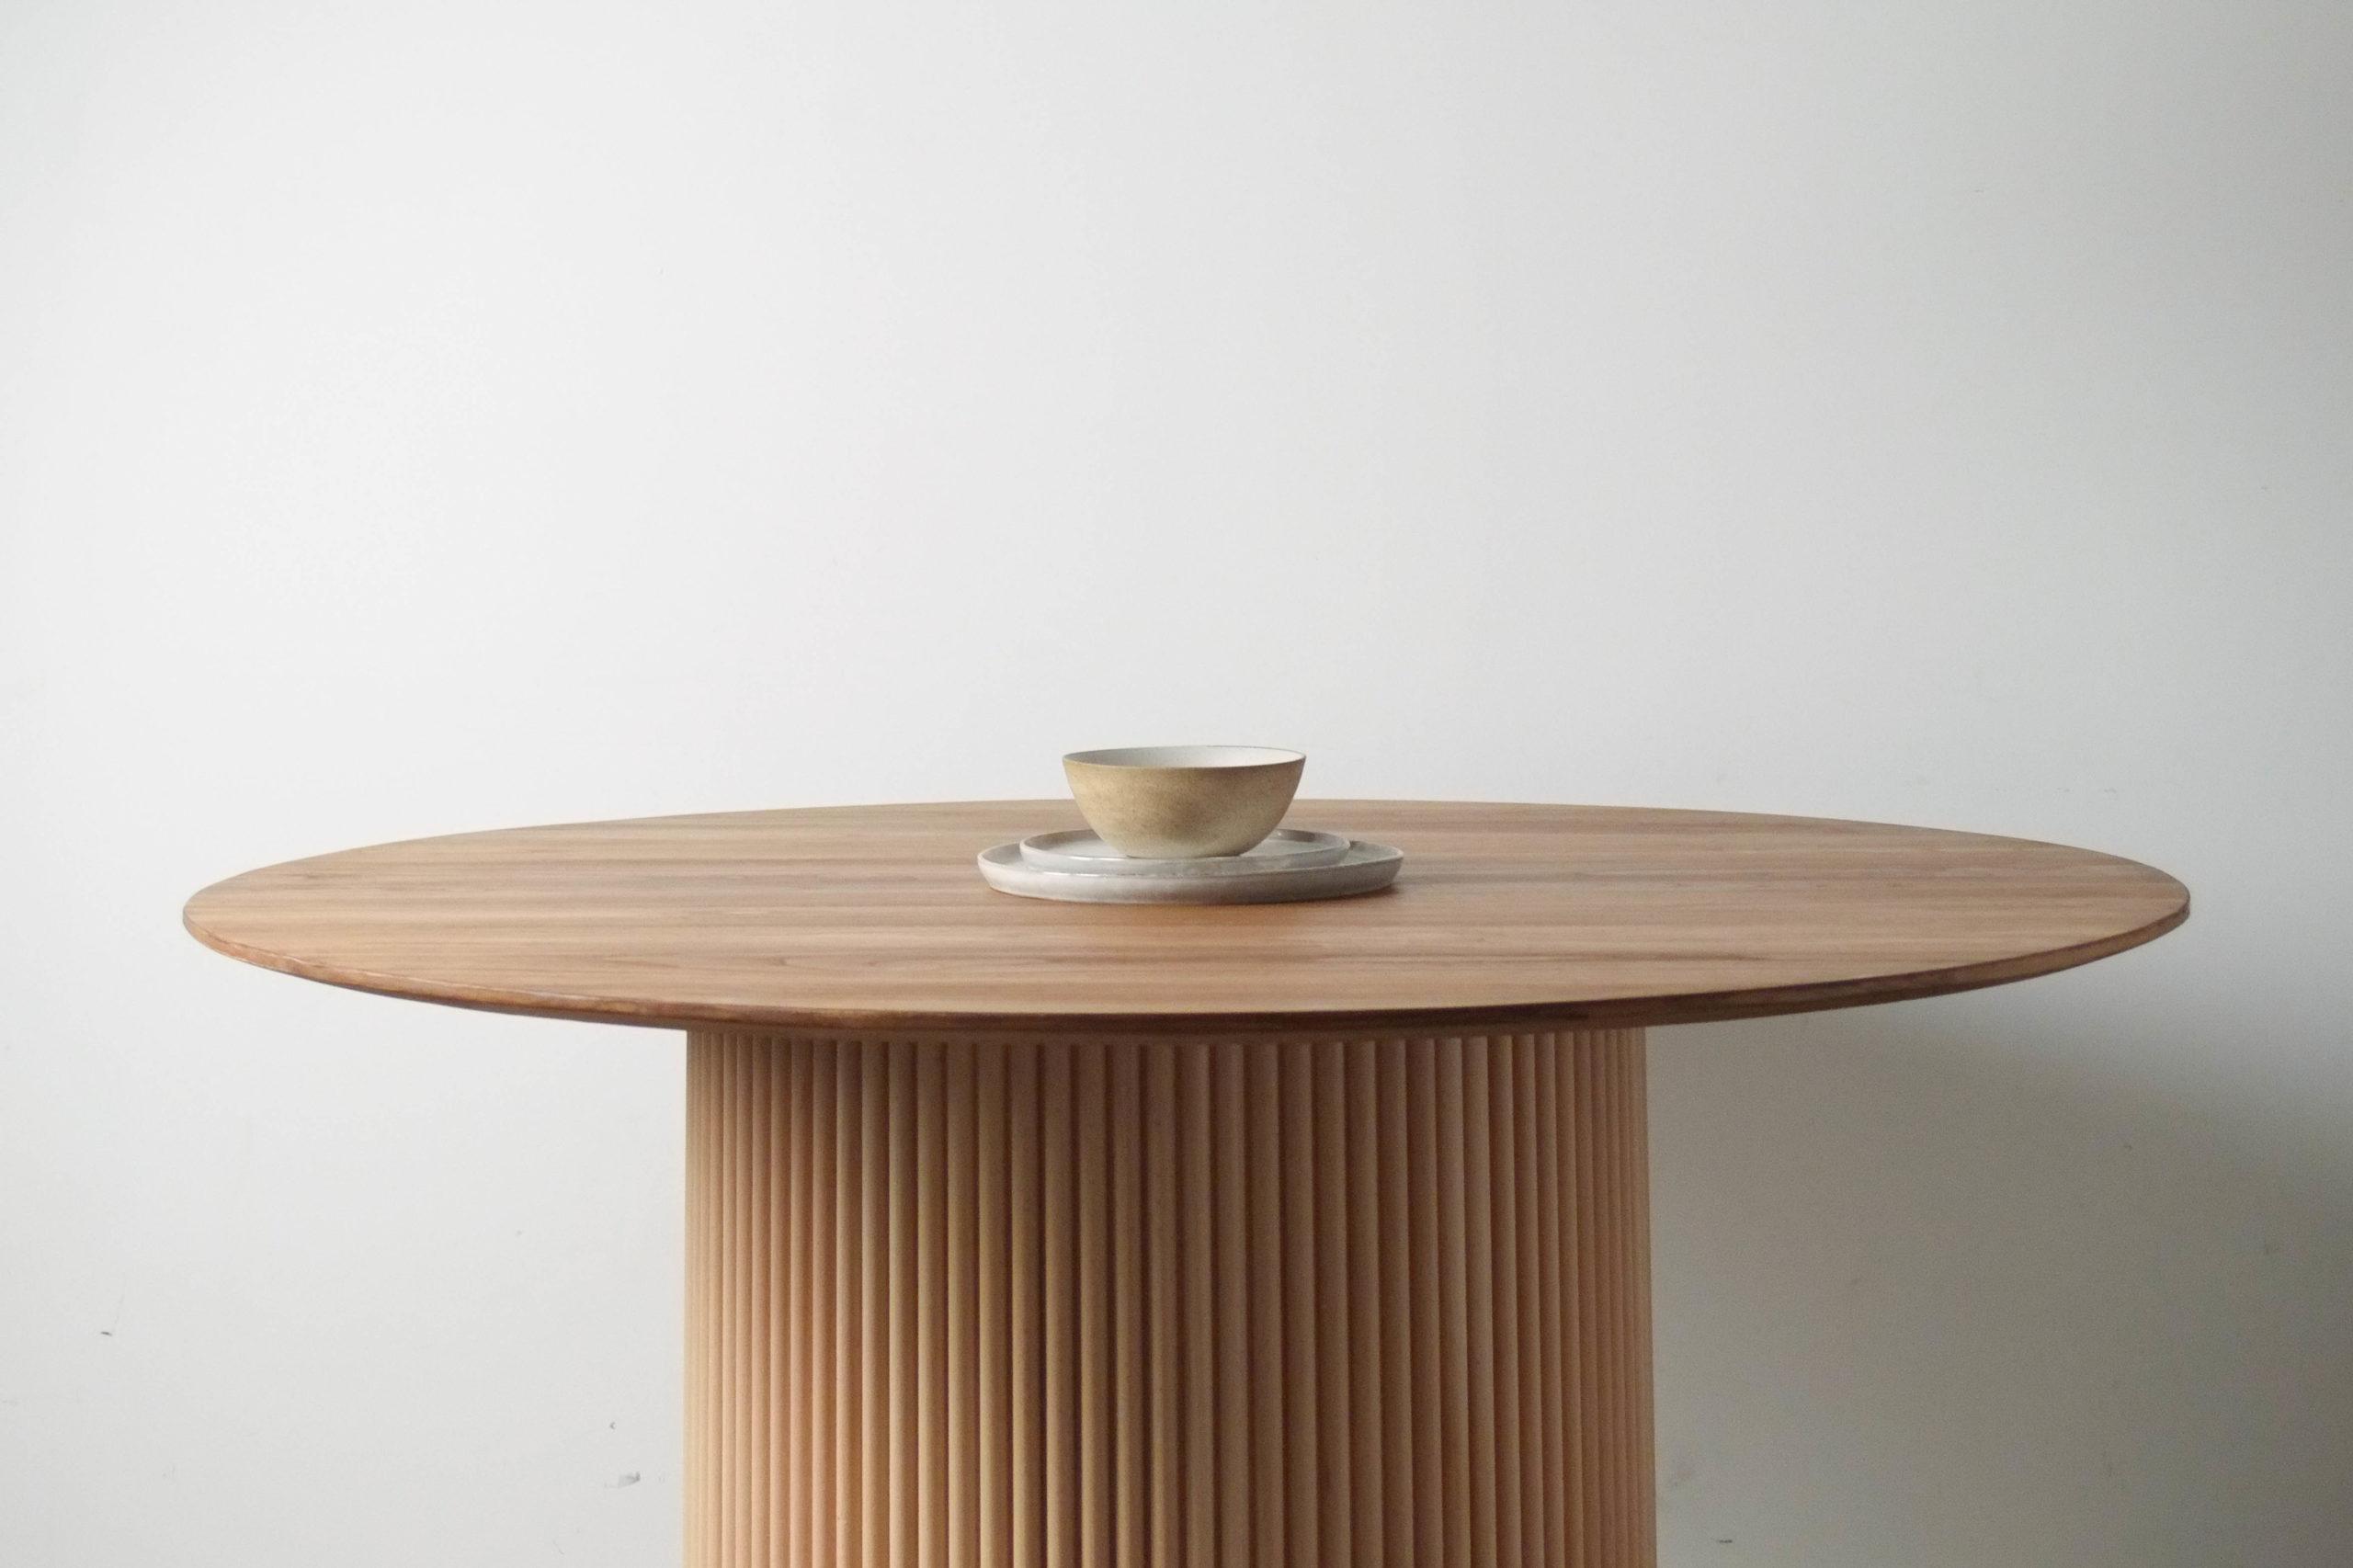 mesa redonda de madera de castaño comedor cocica salon